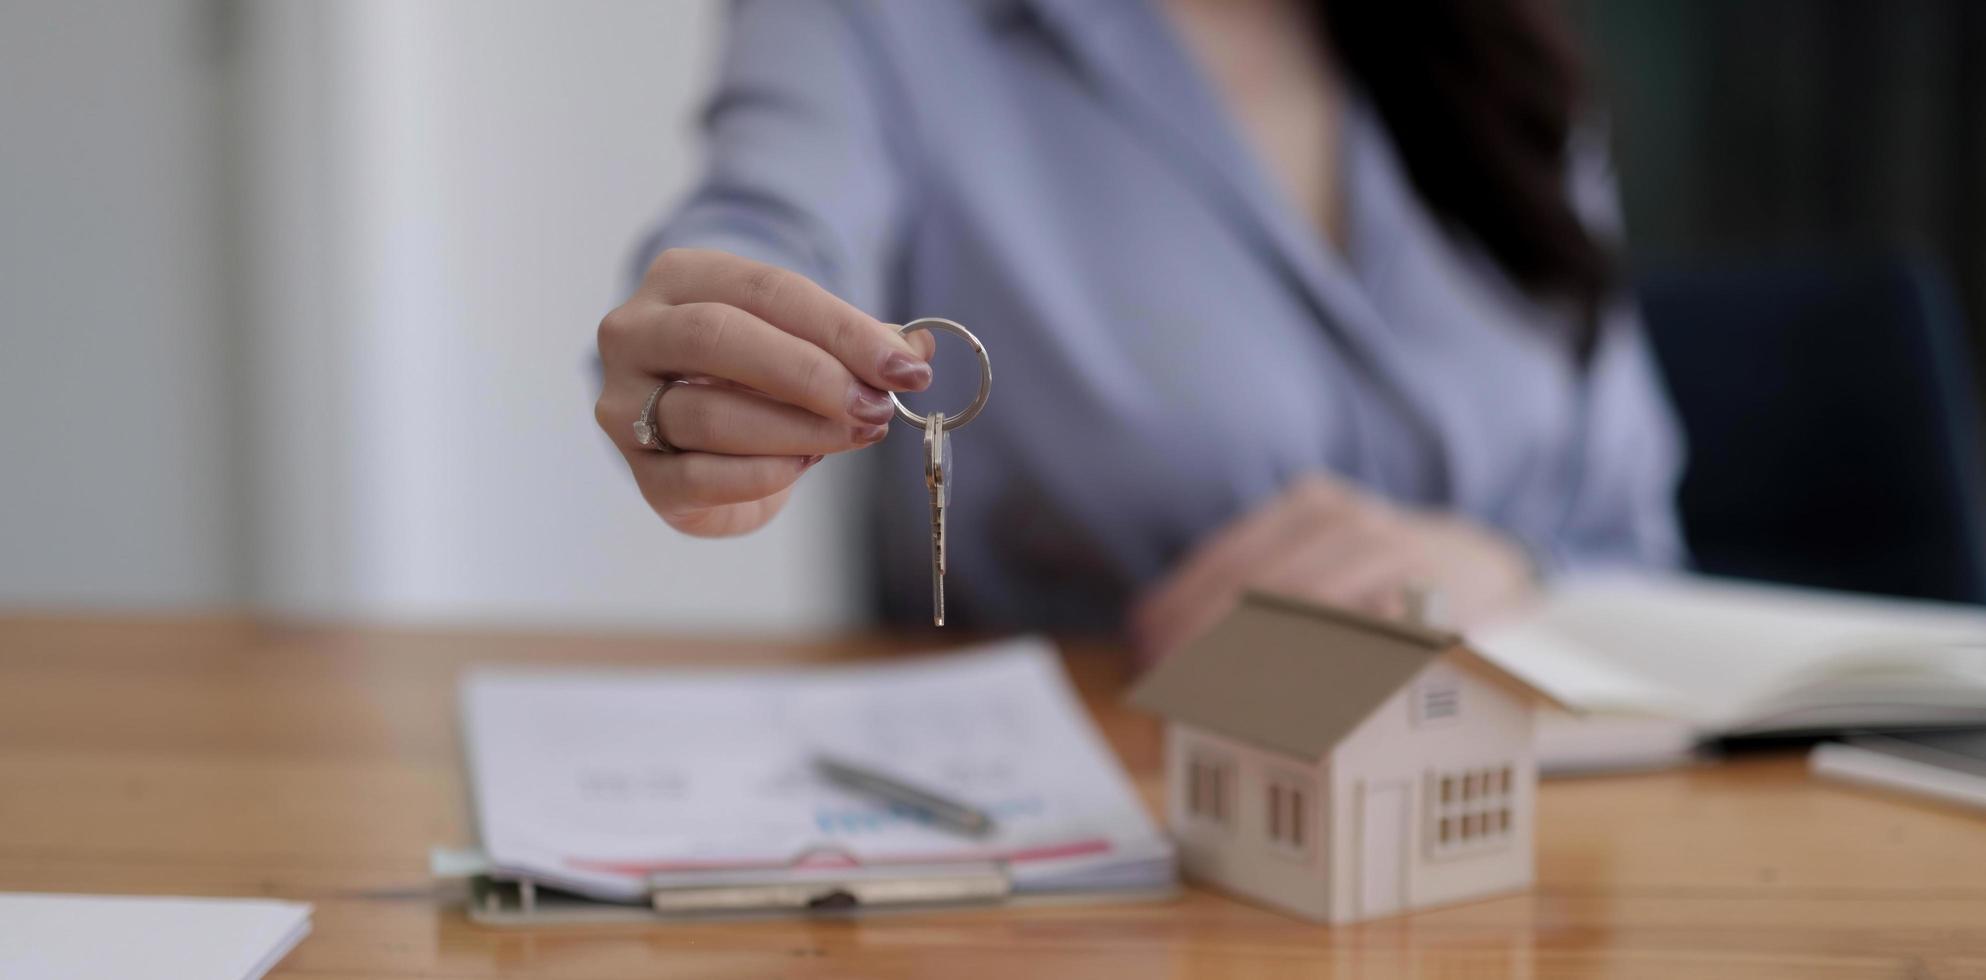 huissleutel in de handbescherming van de makelaar van de woningverzekering of in de verkoper die aan de koper de eigenaar van de klant geeft foto